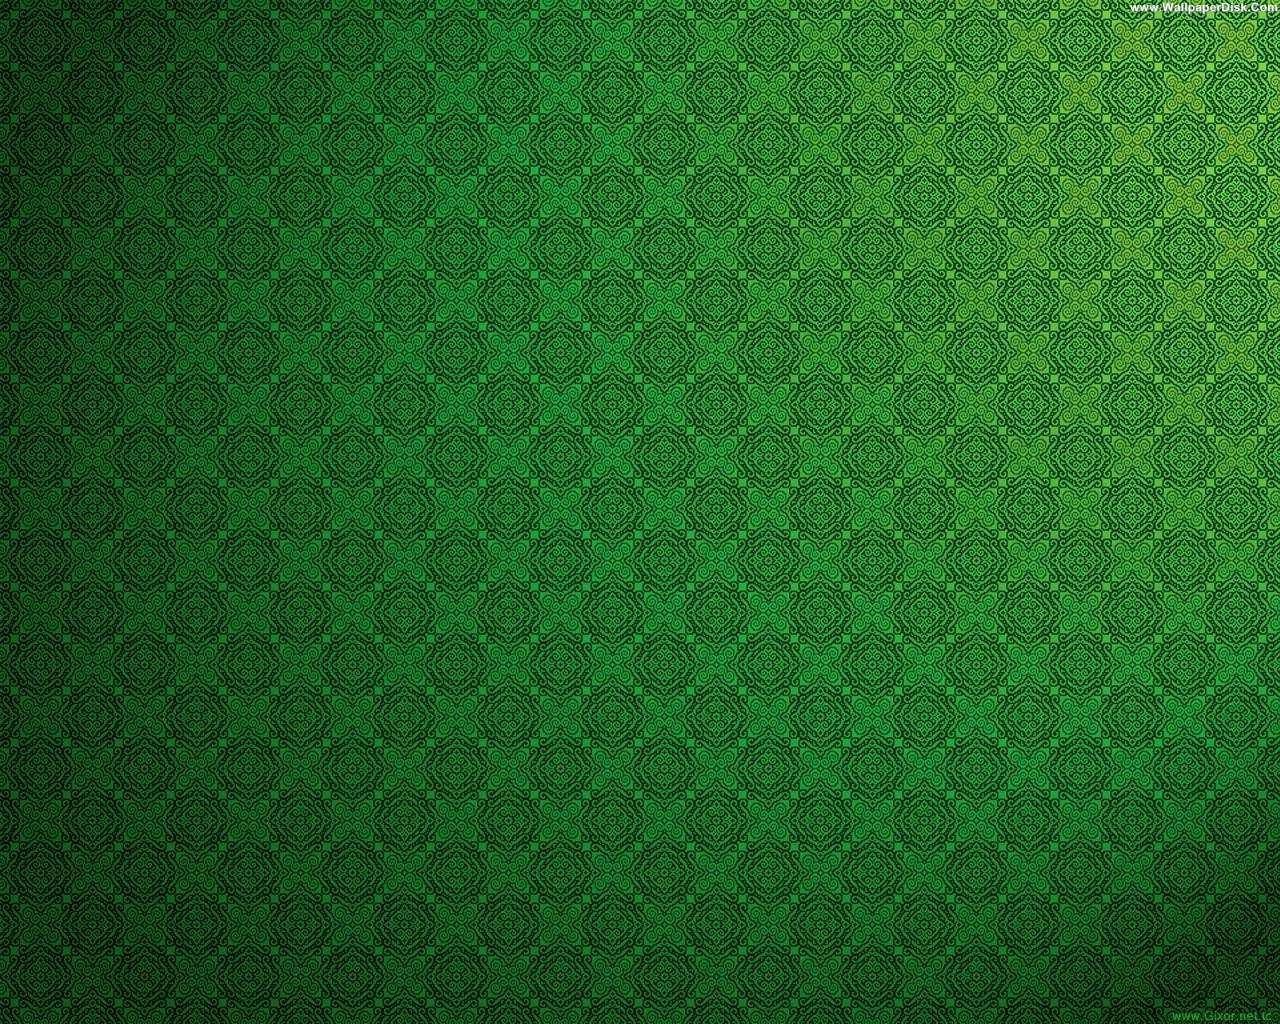 Download 46+ Background Islami Hd Paling Keren